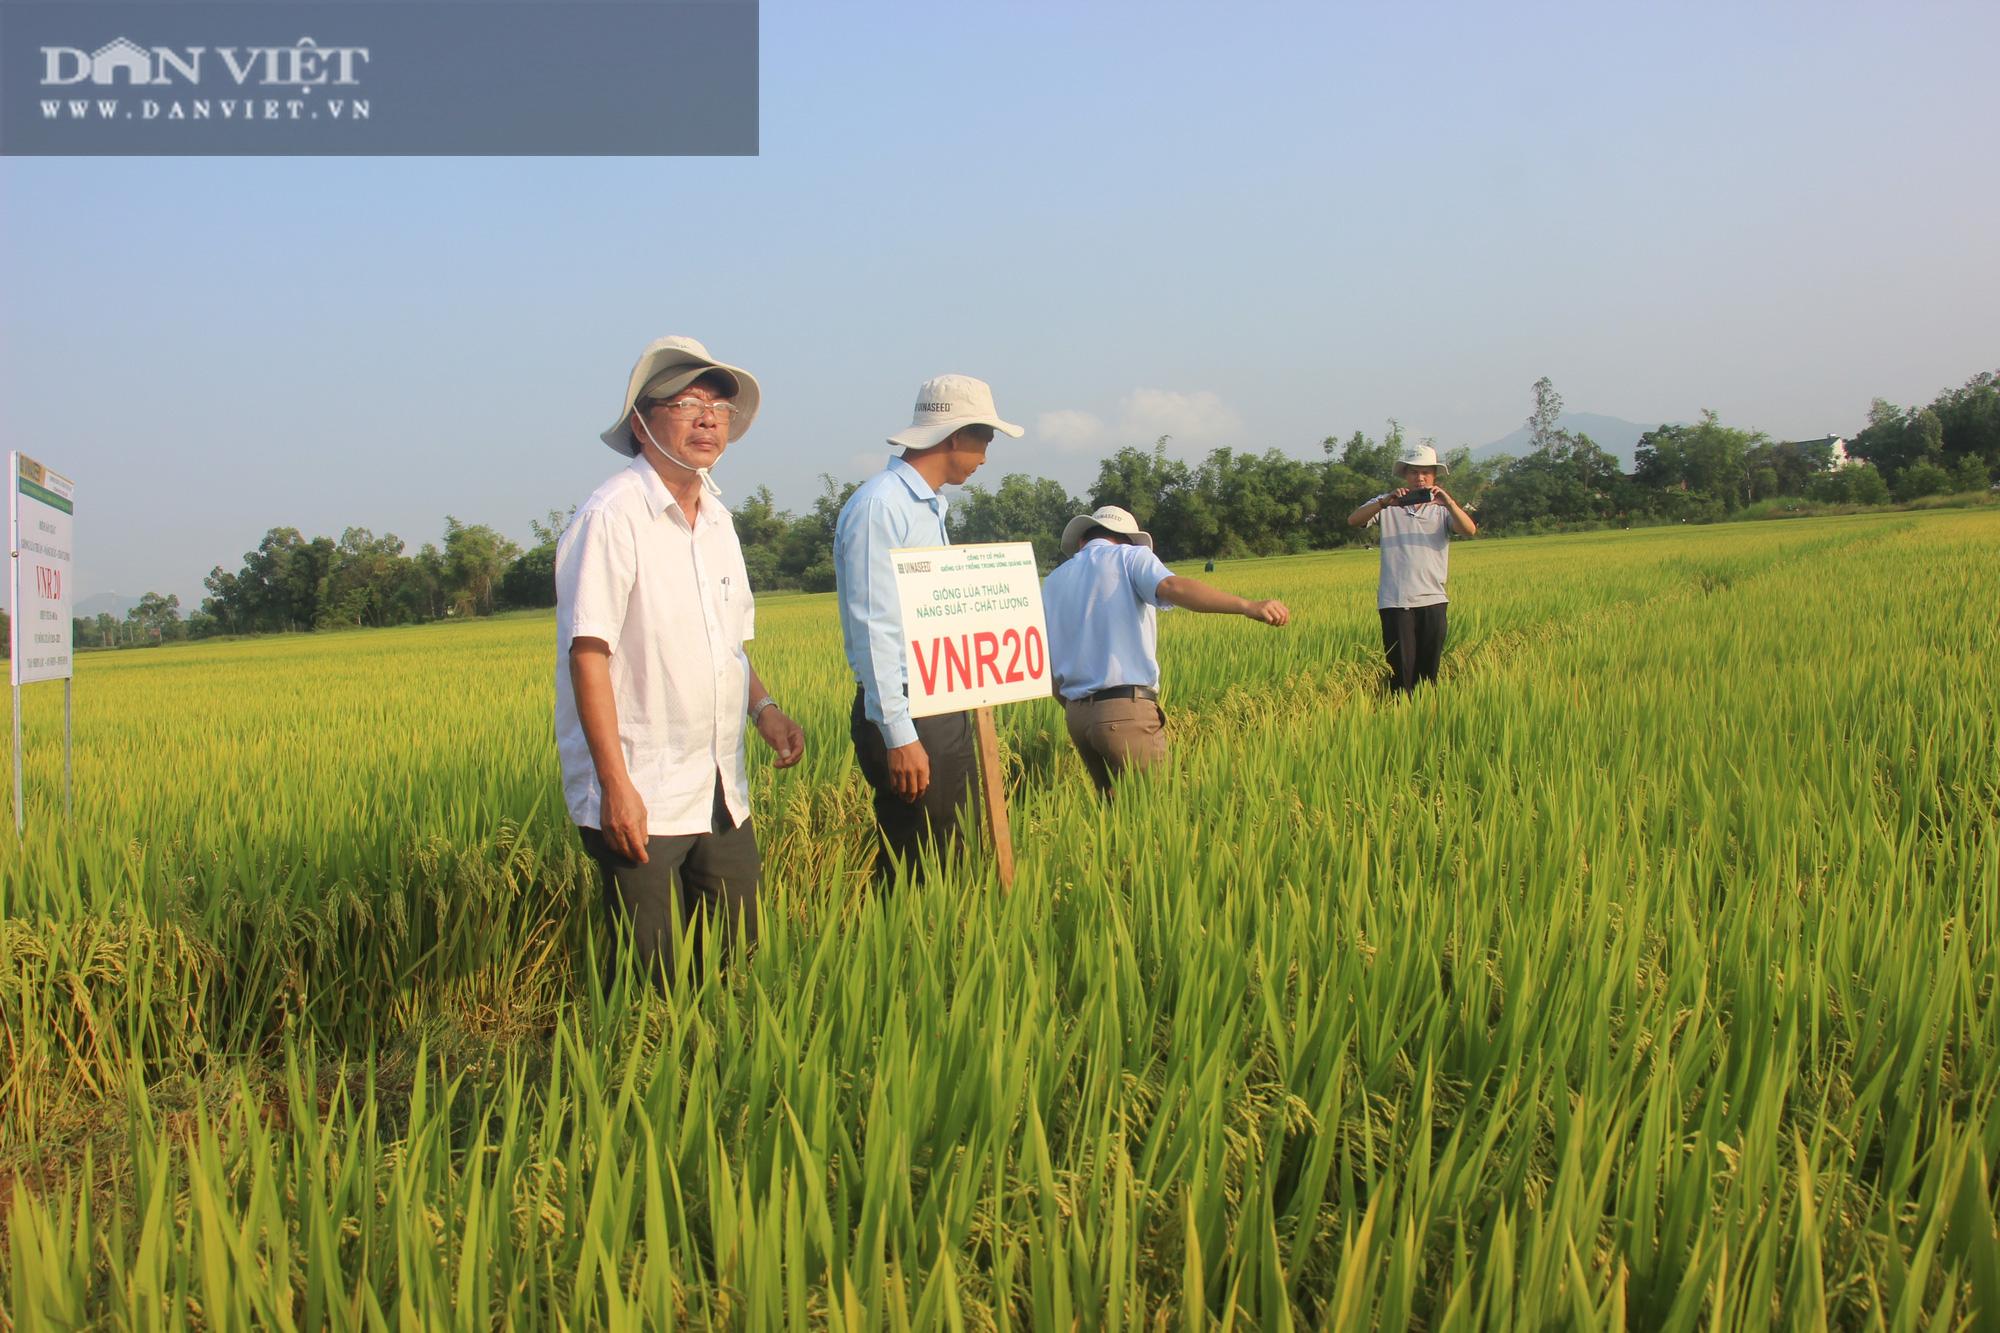 Bất ngờ trước hàng loạt giống lúa mới của VinaSeed trên vùng đất Bình Định - Ảnh 4.